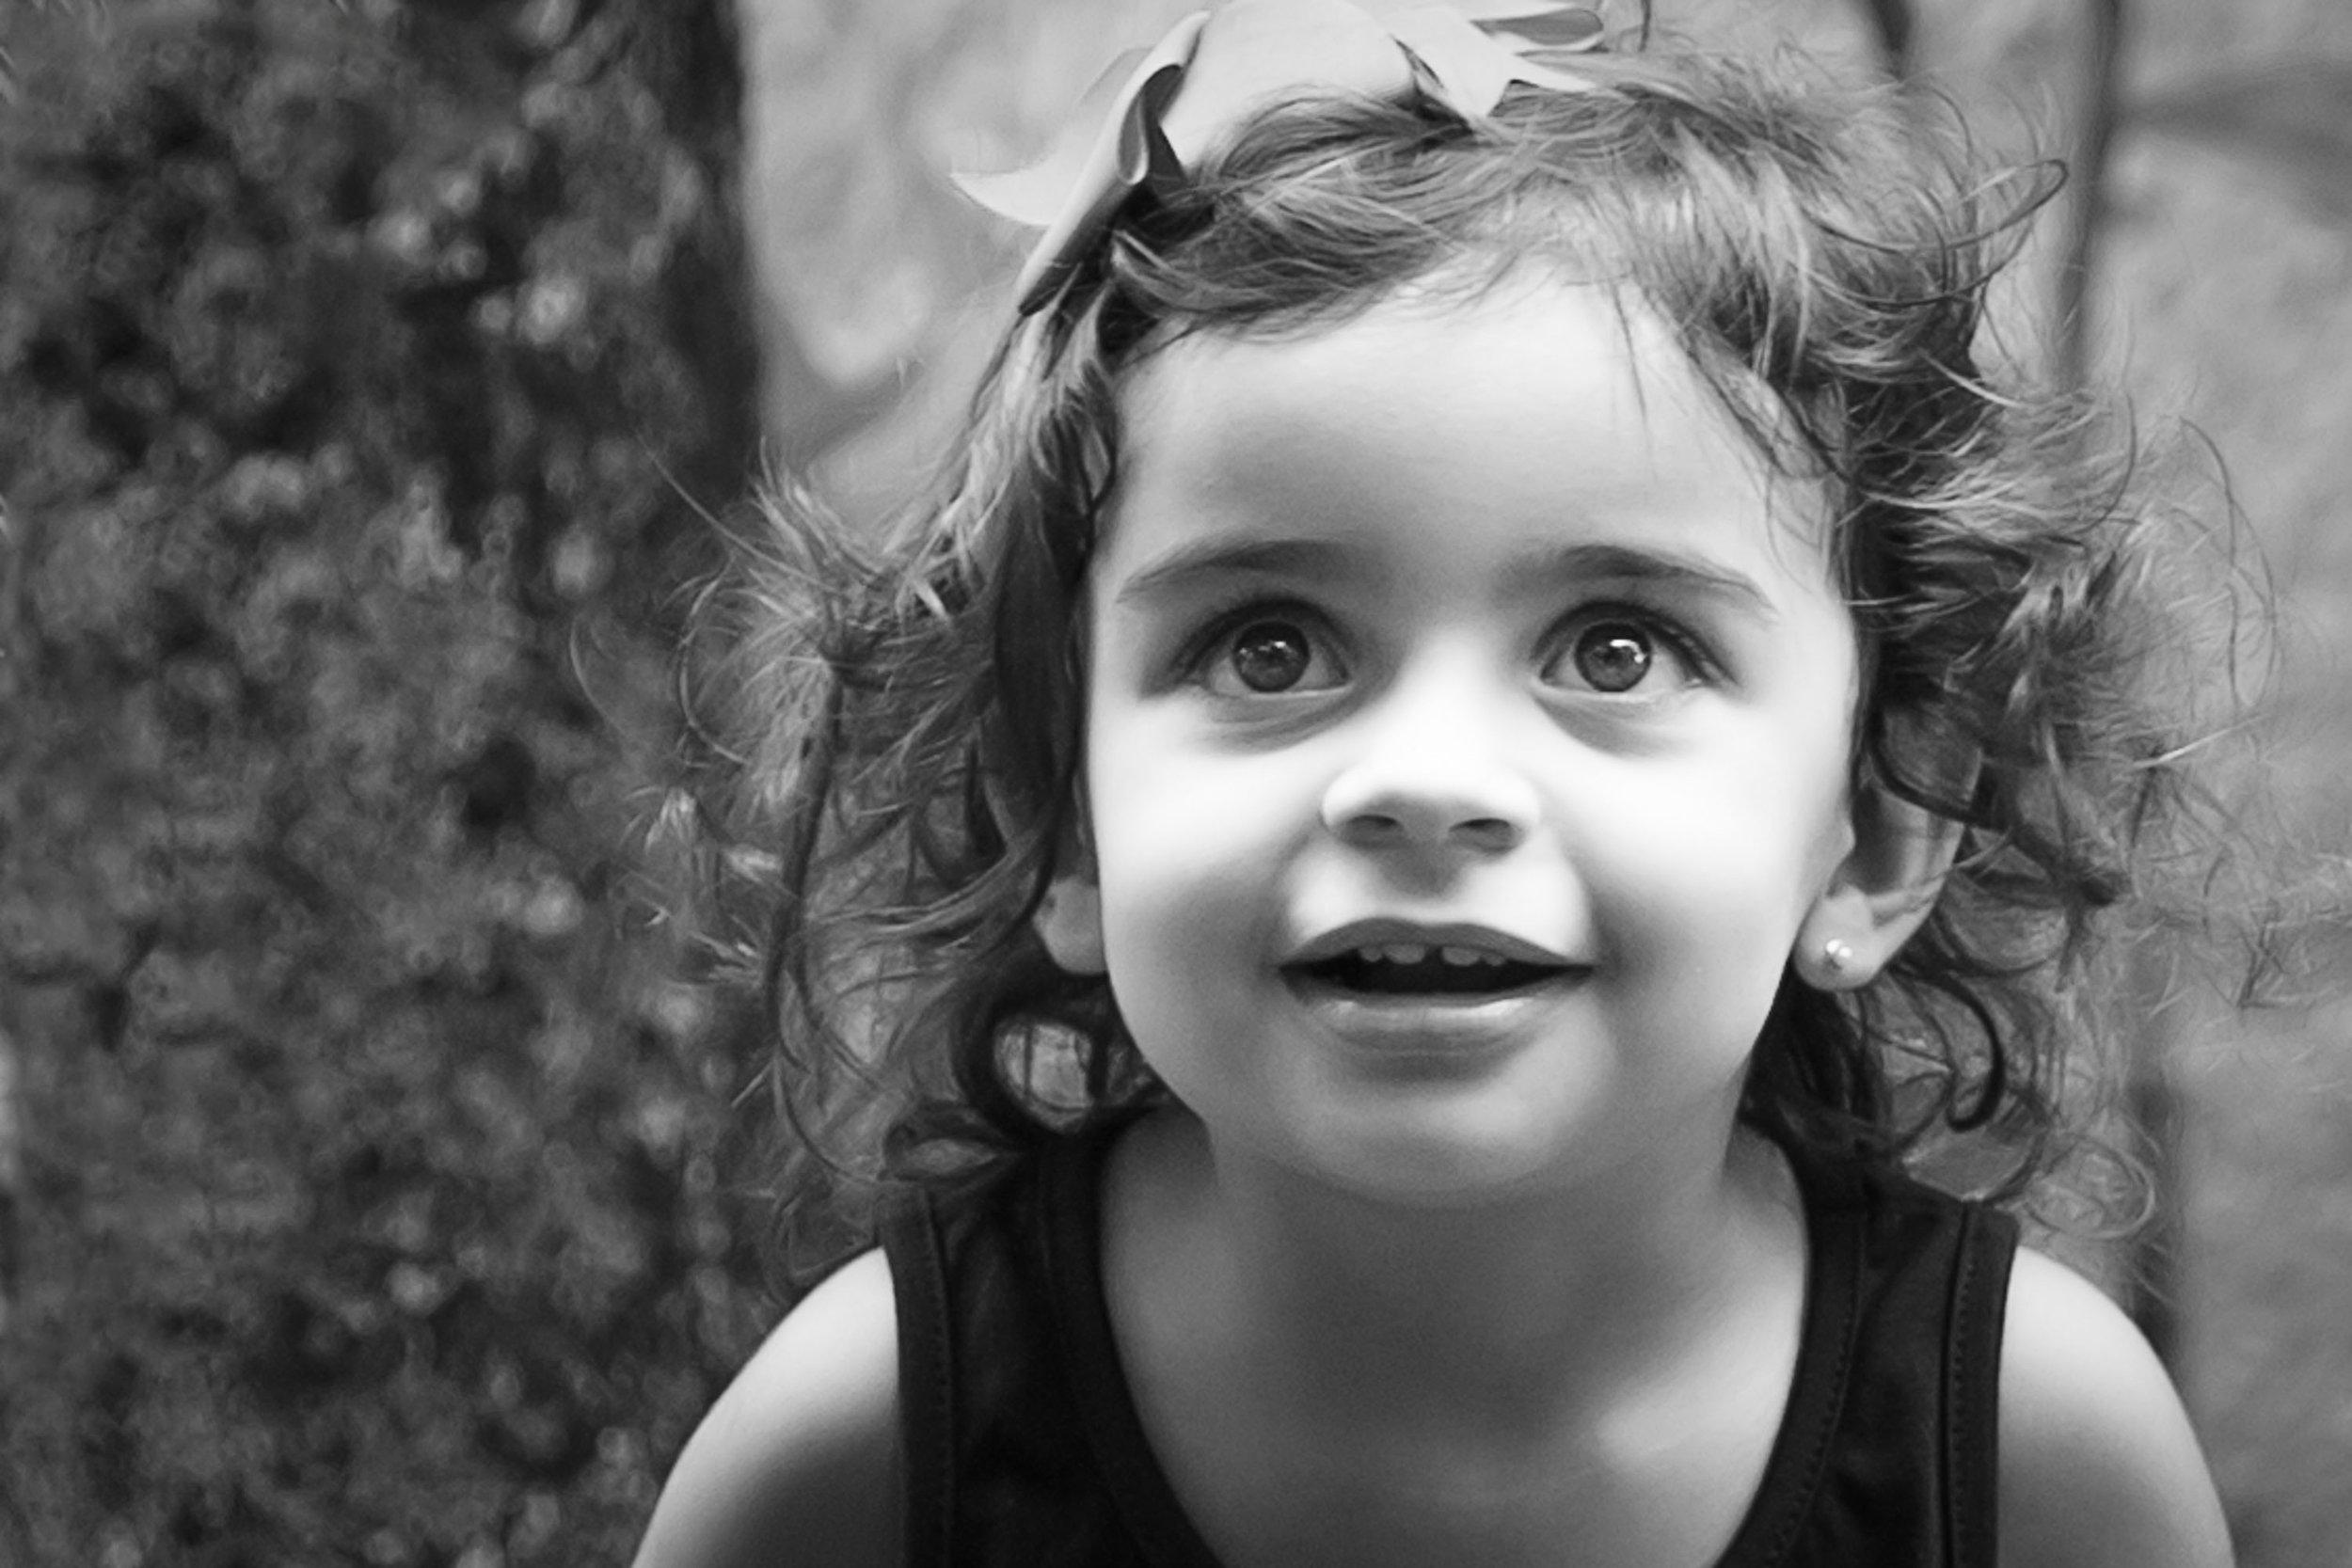 black-and-white-little-girl-portrait.jpg